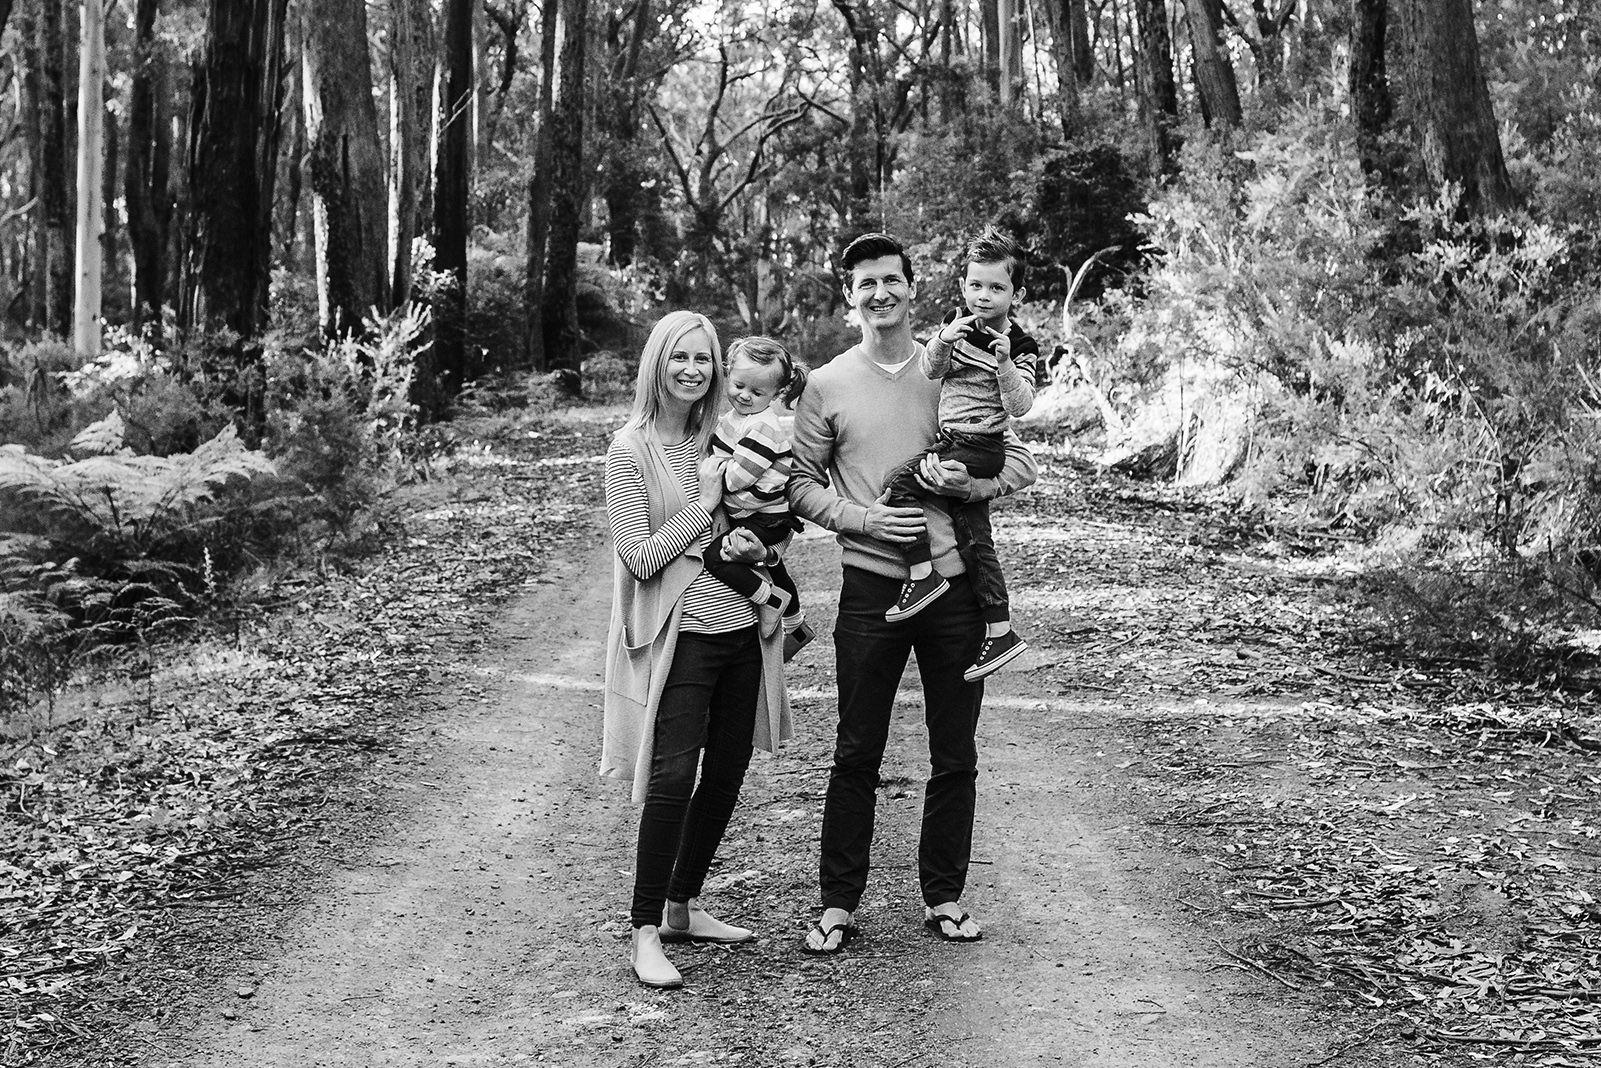 20190428 - Mt Kembla Family Pics 0006-2-2 copy copy.jpg